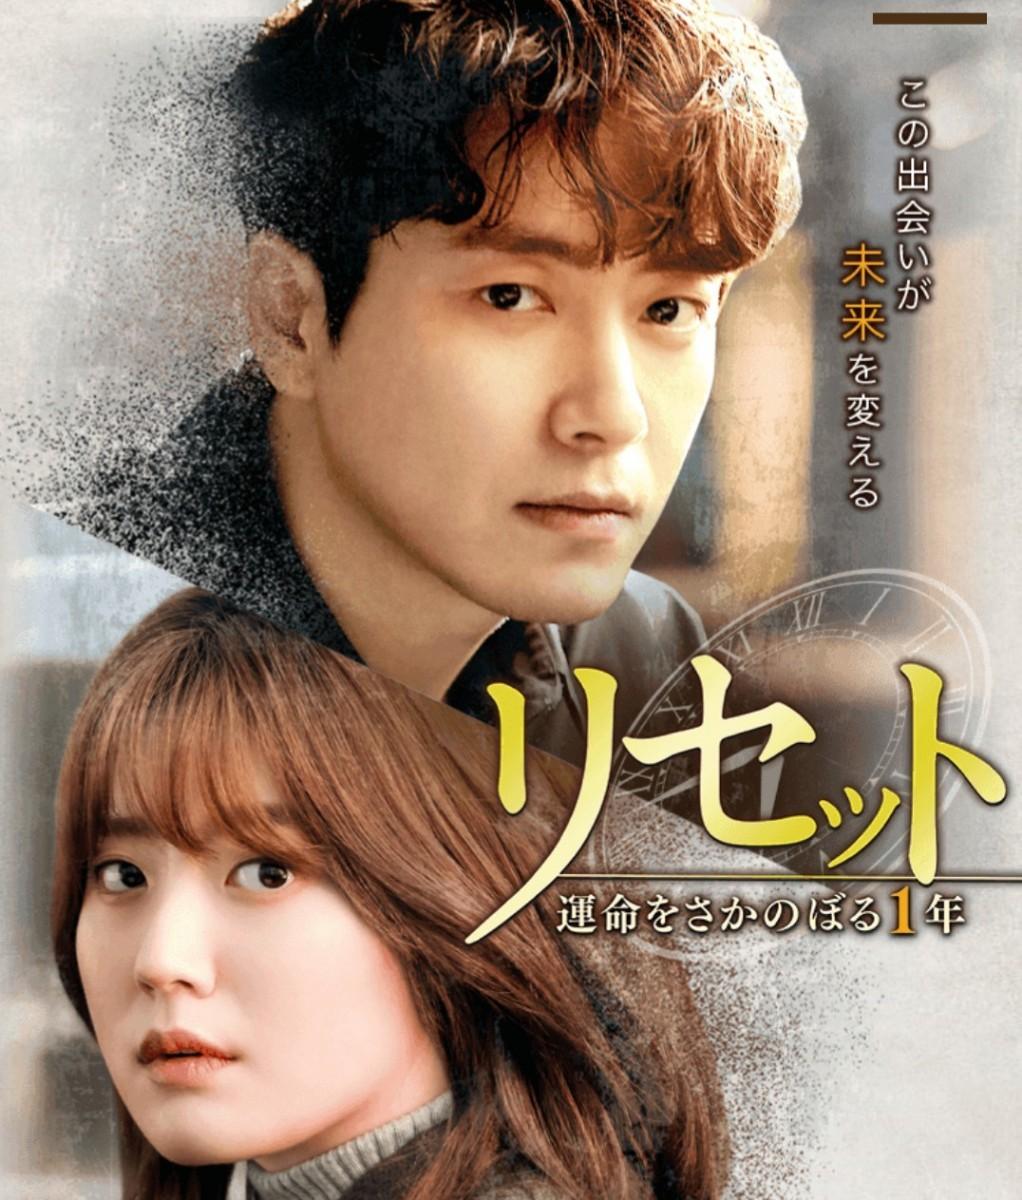 (ケース付) 韓国ドラマ リセット 運命をさかのぼる1年 Blu-ray ブルーレイ